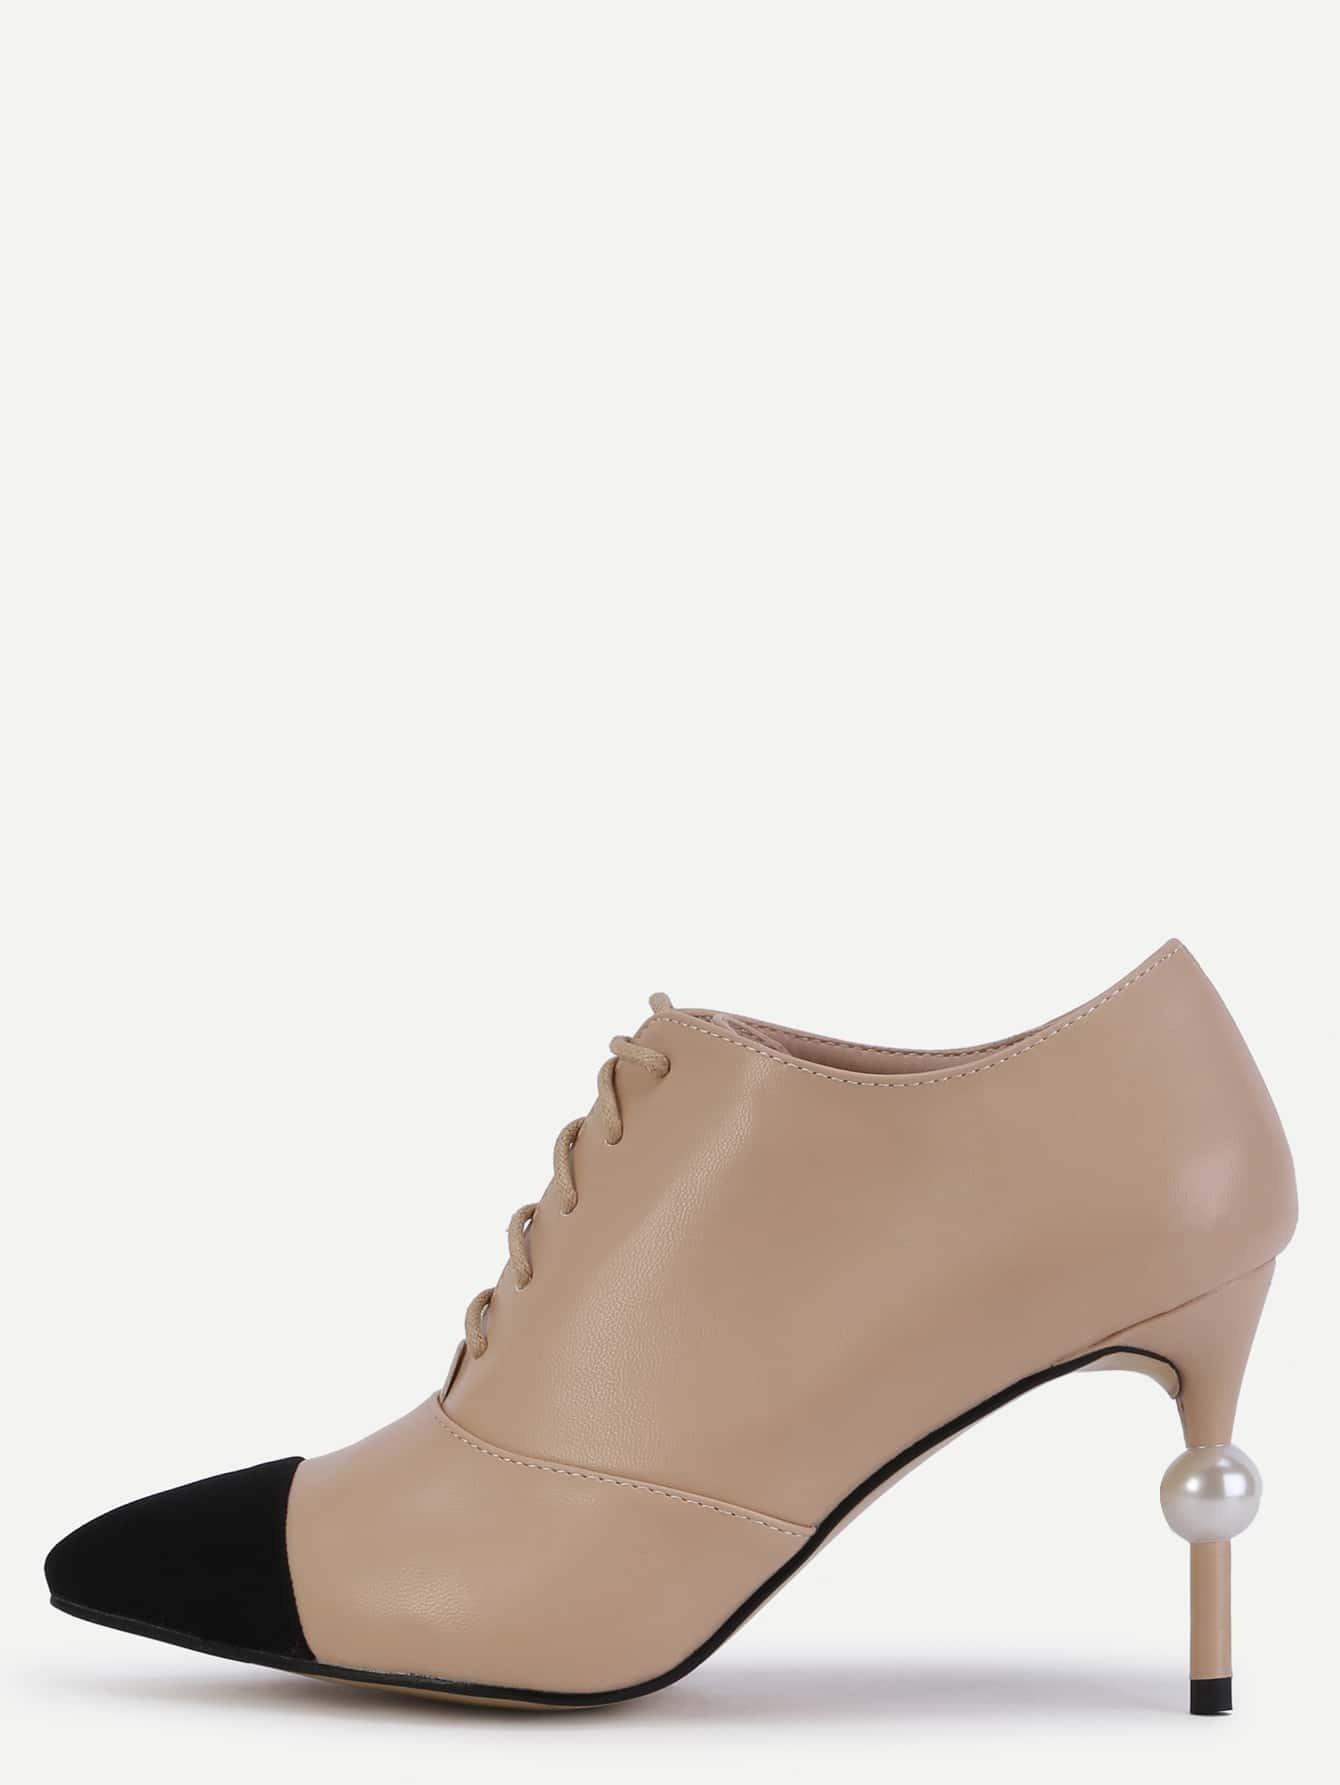 shoes161013803_2